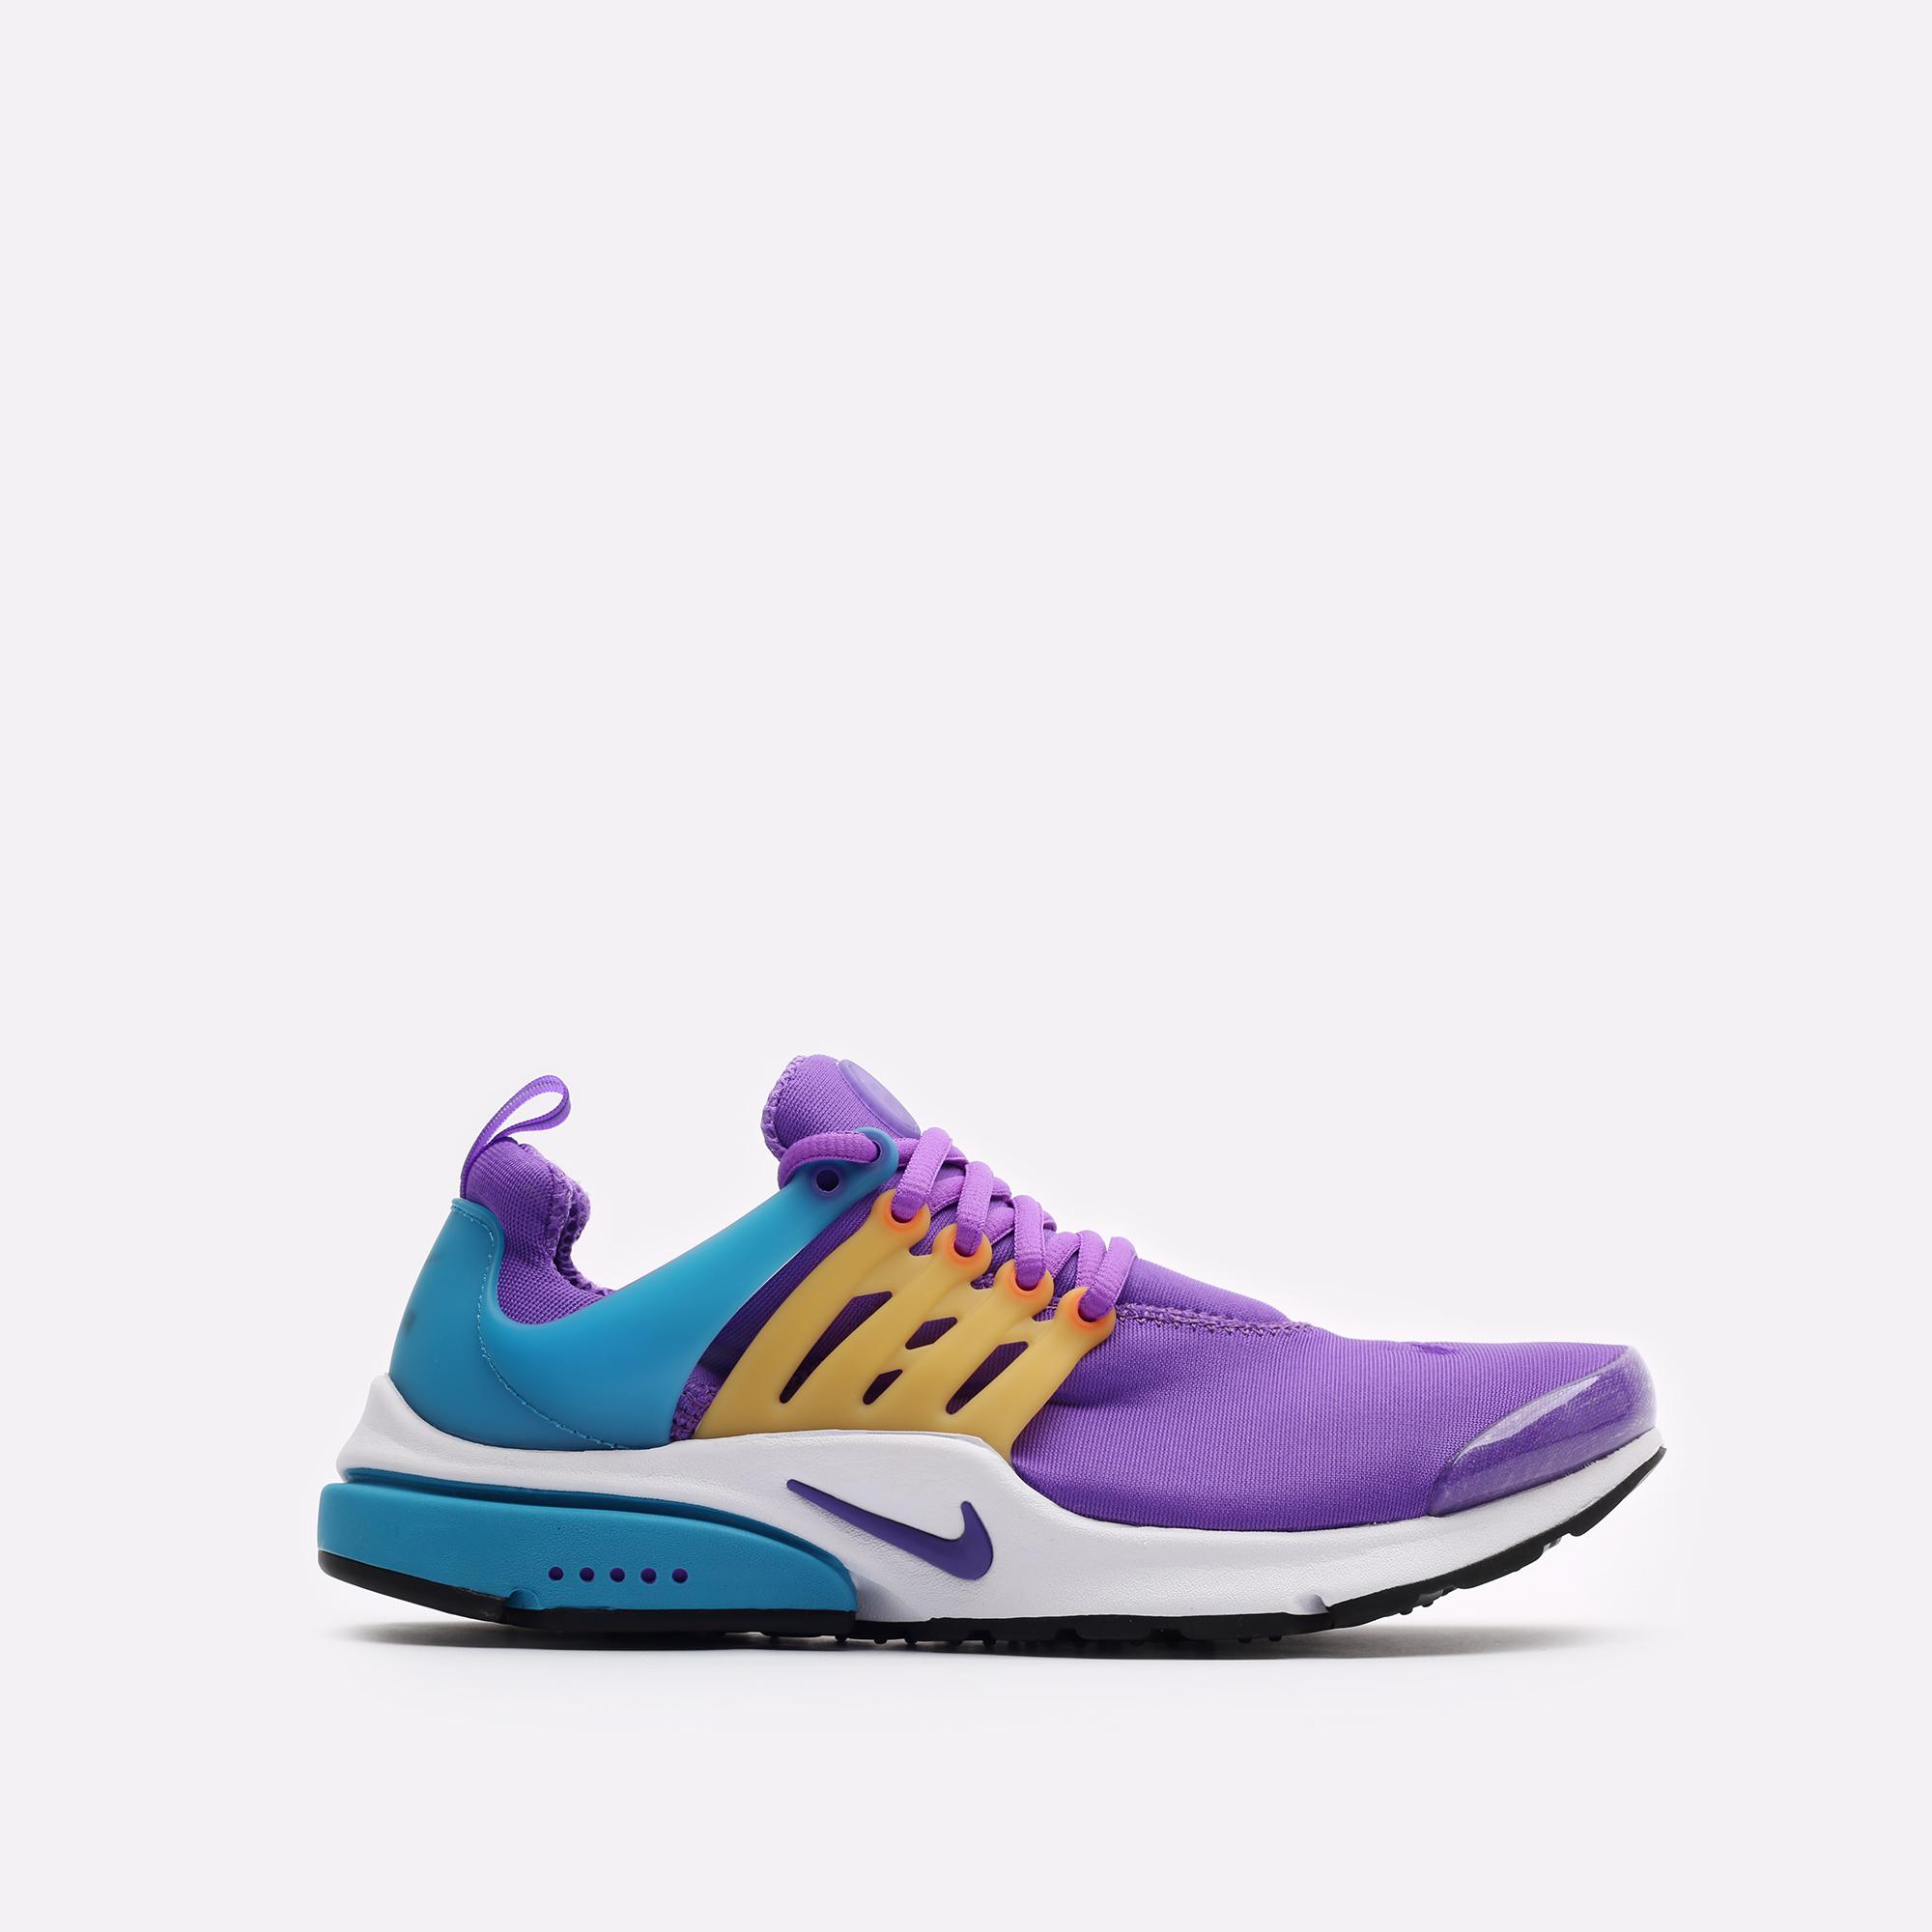 мужские фиолетовые  кроссовки nike air presto CT3550-500 - цена, описание, фото 1